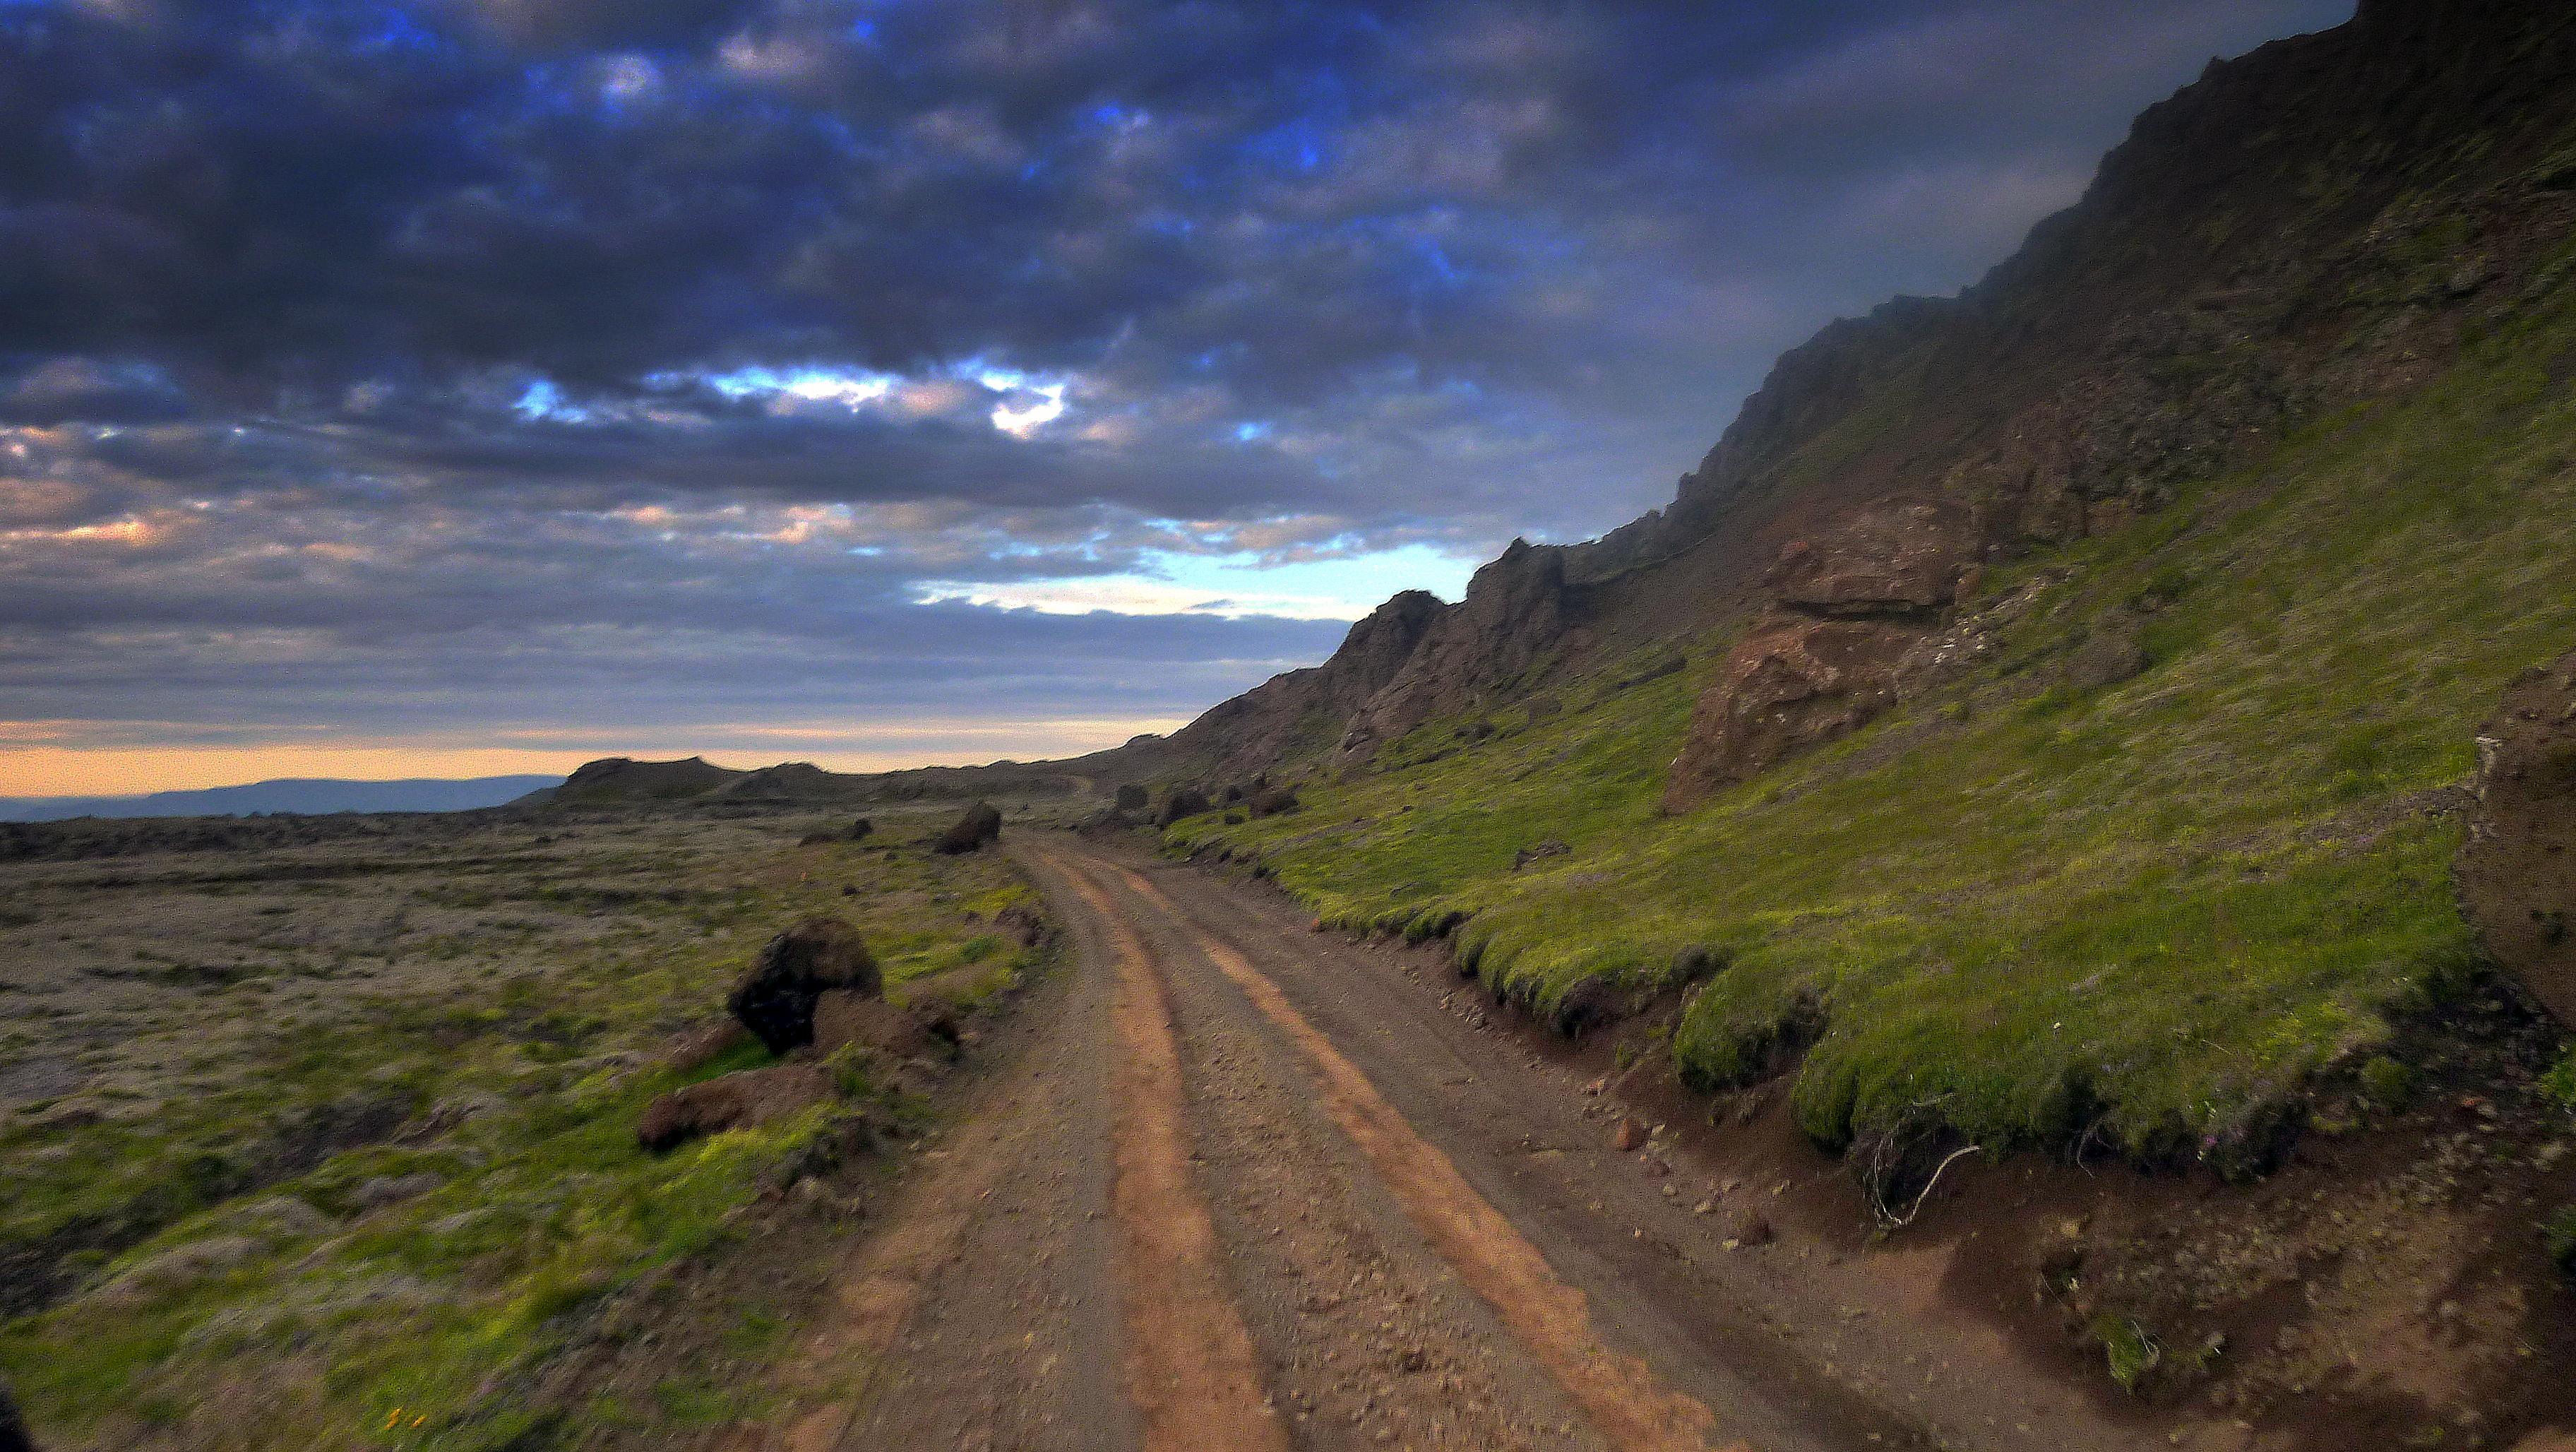 Lunar landscape in Iceland – great scenery